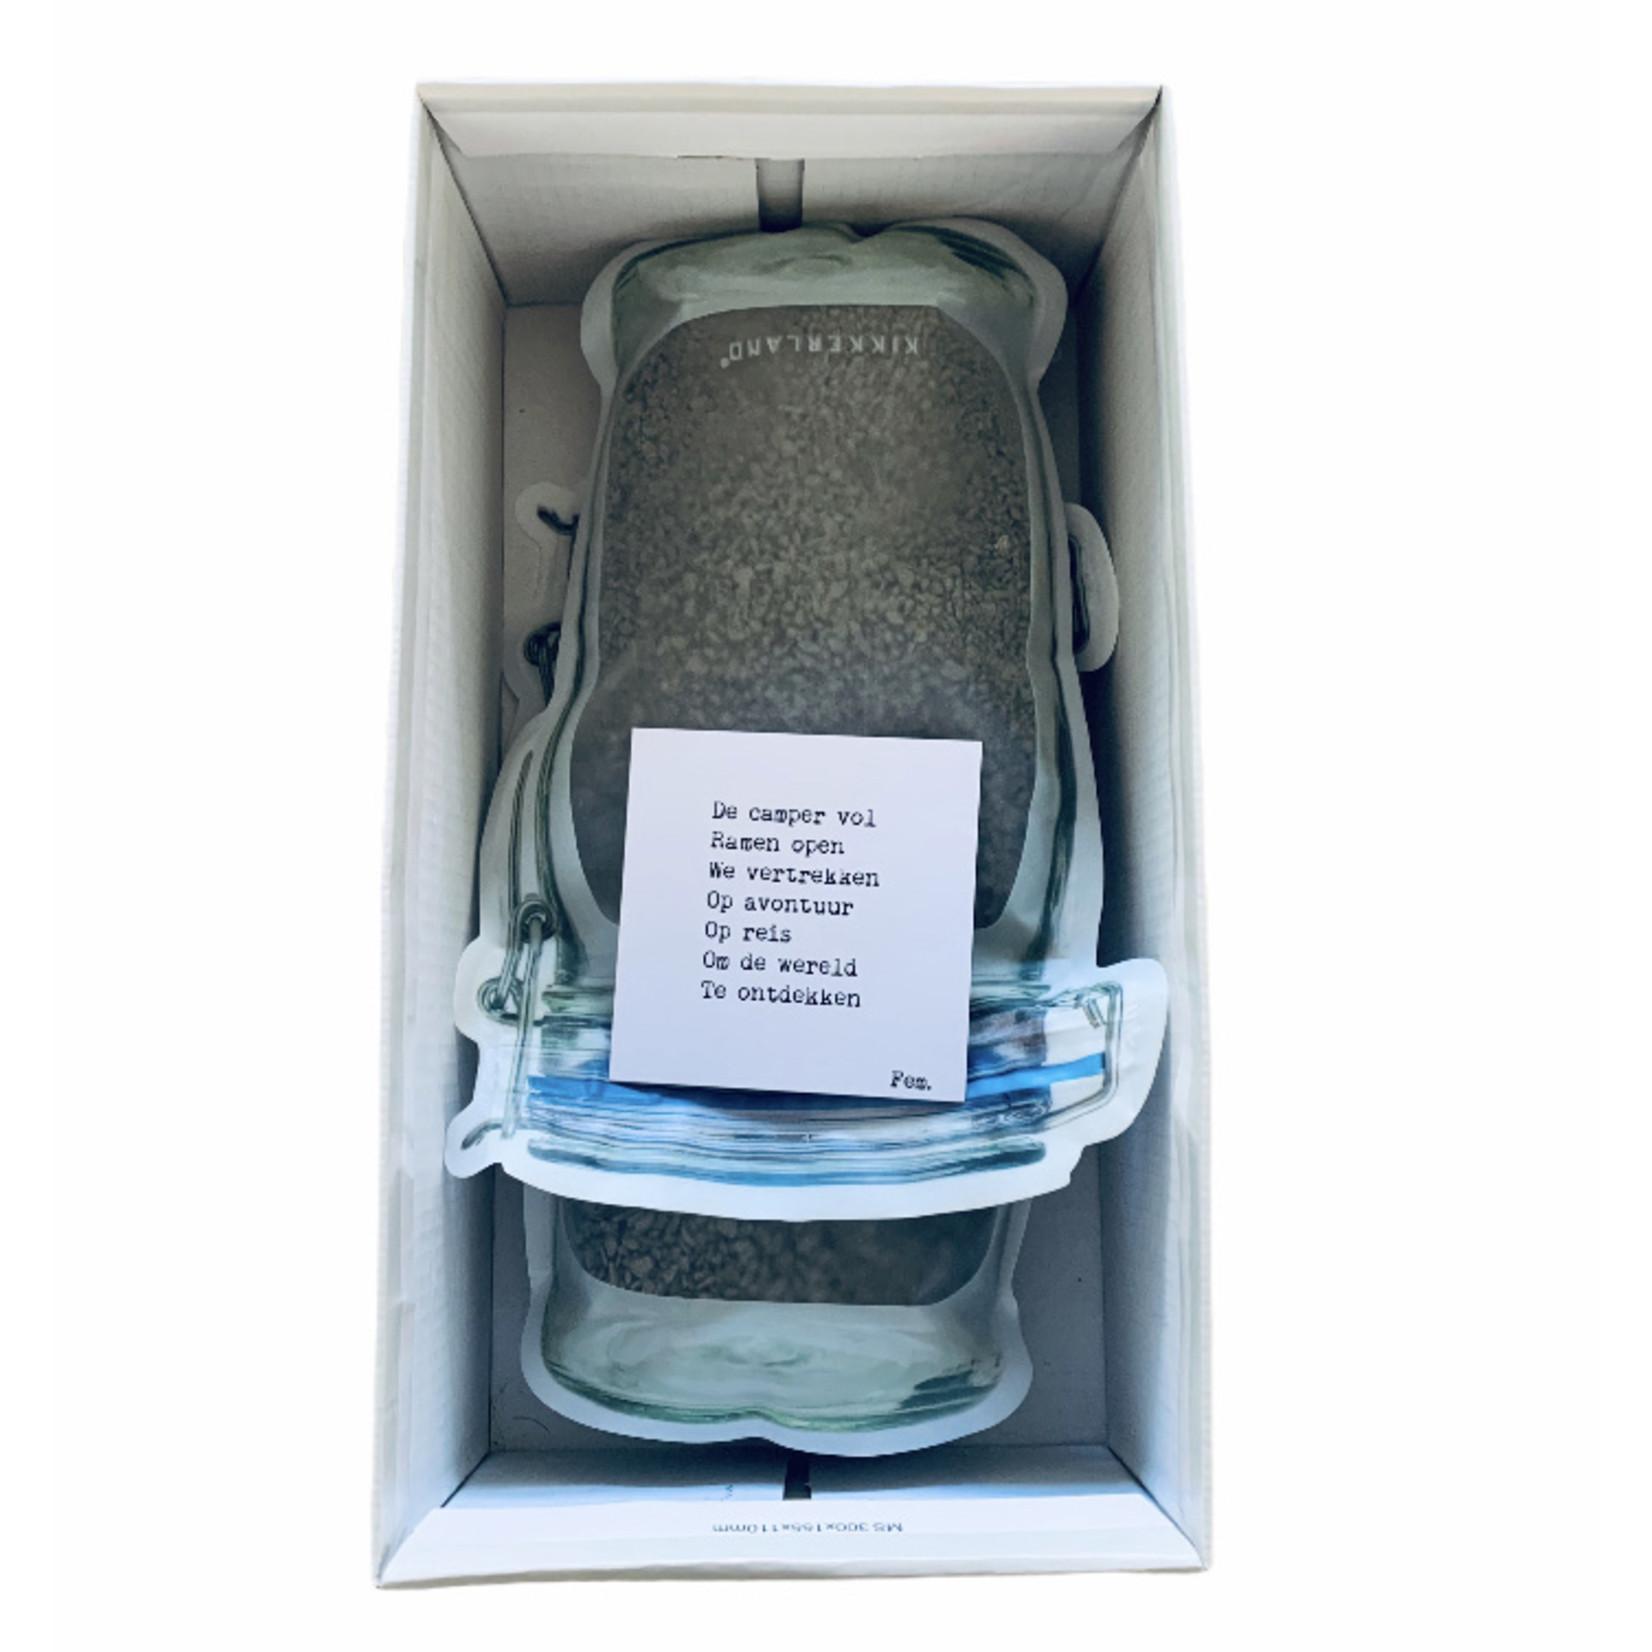 CamperHomie Strooi mee en verwijder CO2